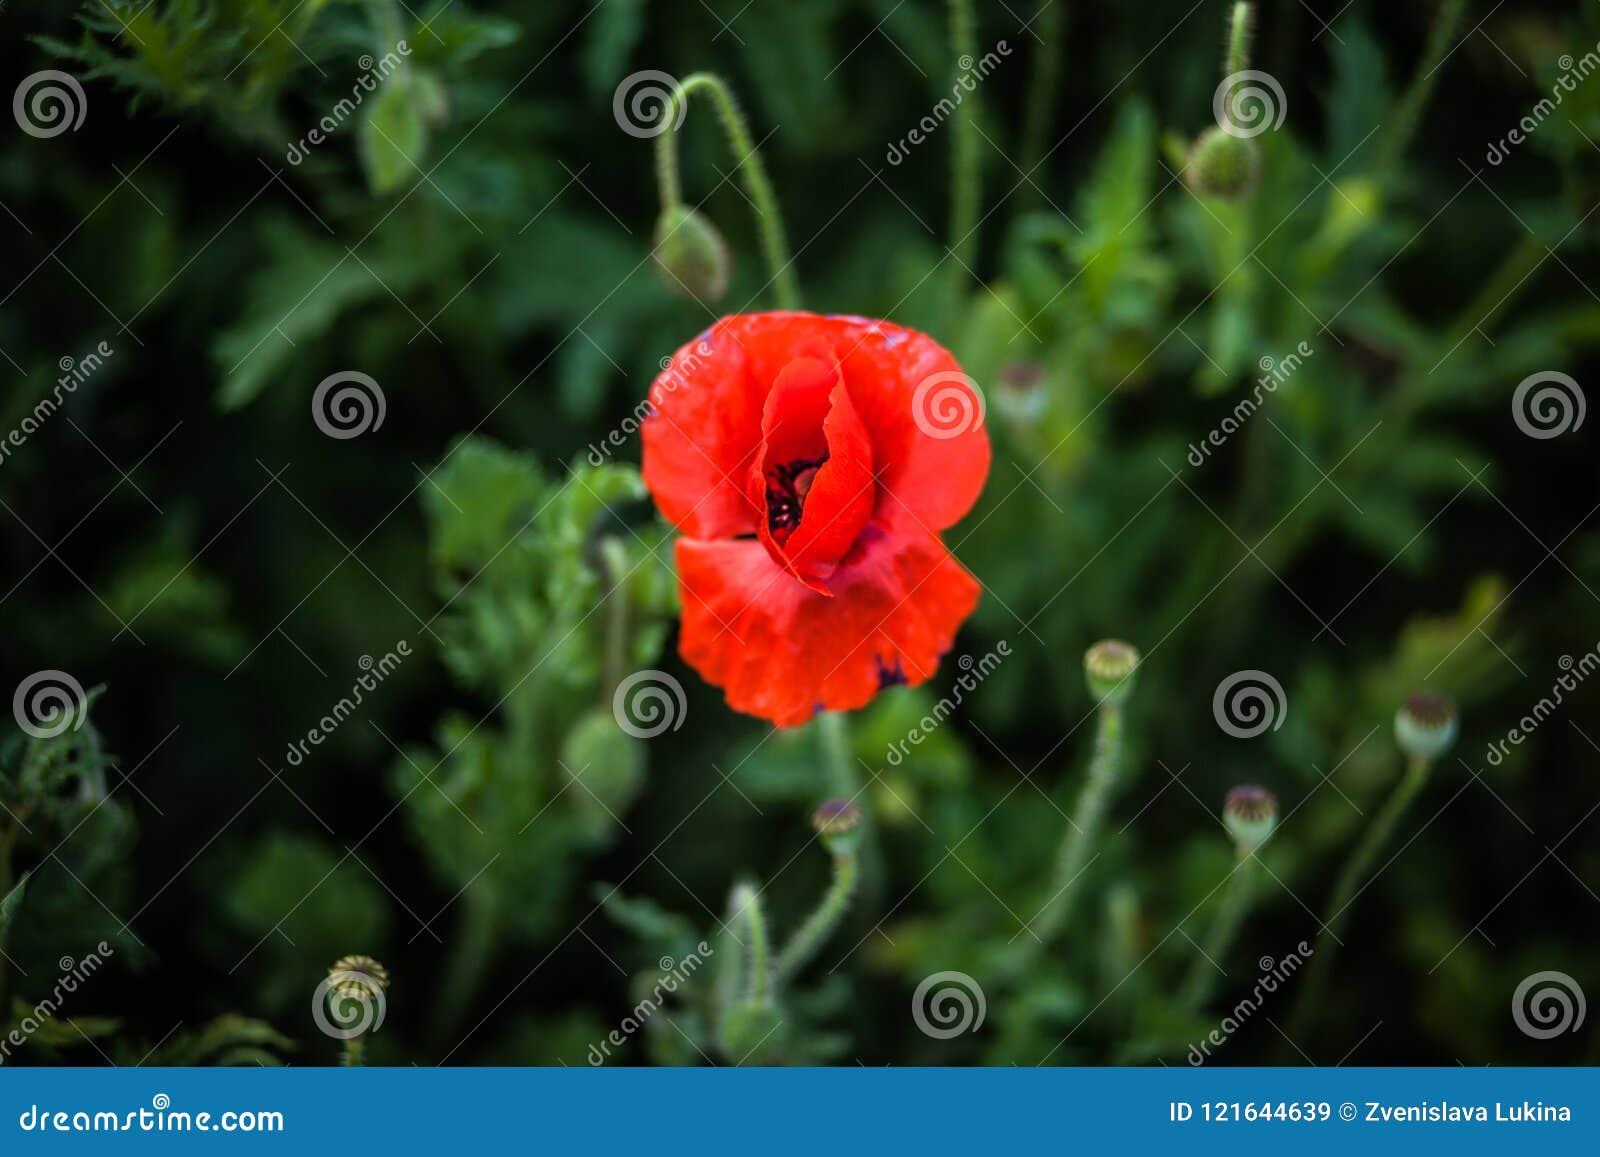 Osamotniony czerwony makowy kwiat po środku ramy, odgórny widok na tle zwarty ciemnozielony pole